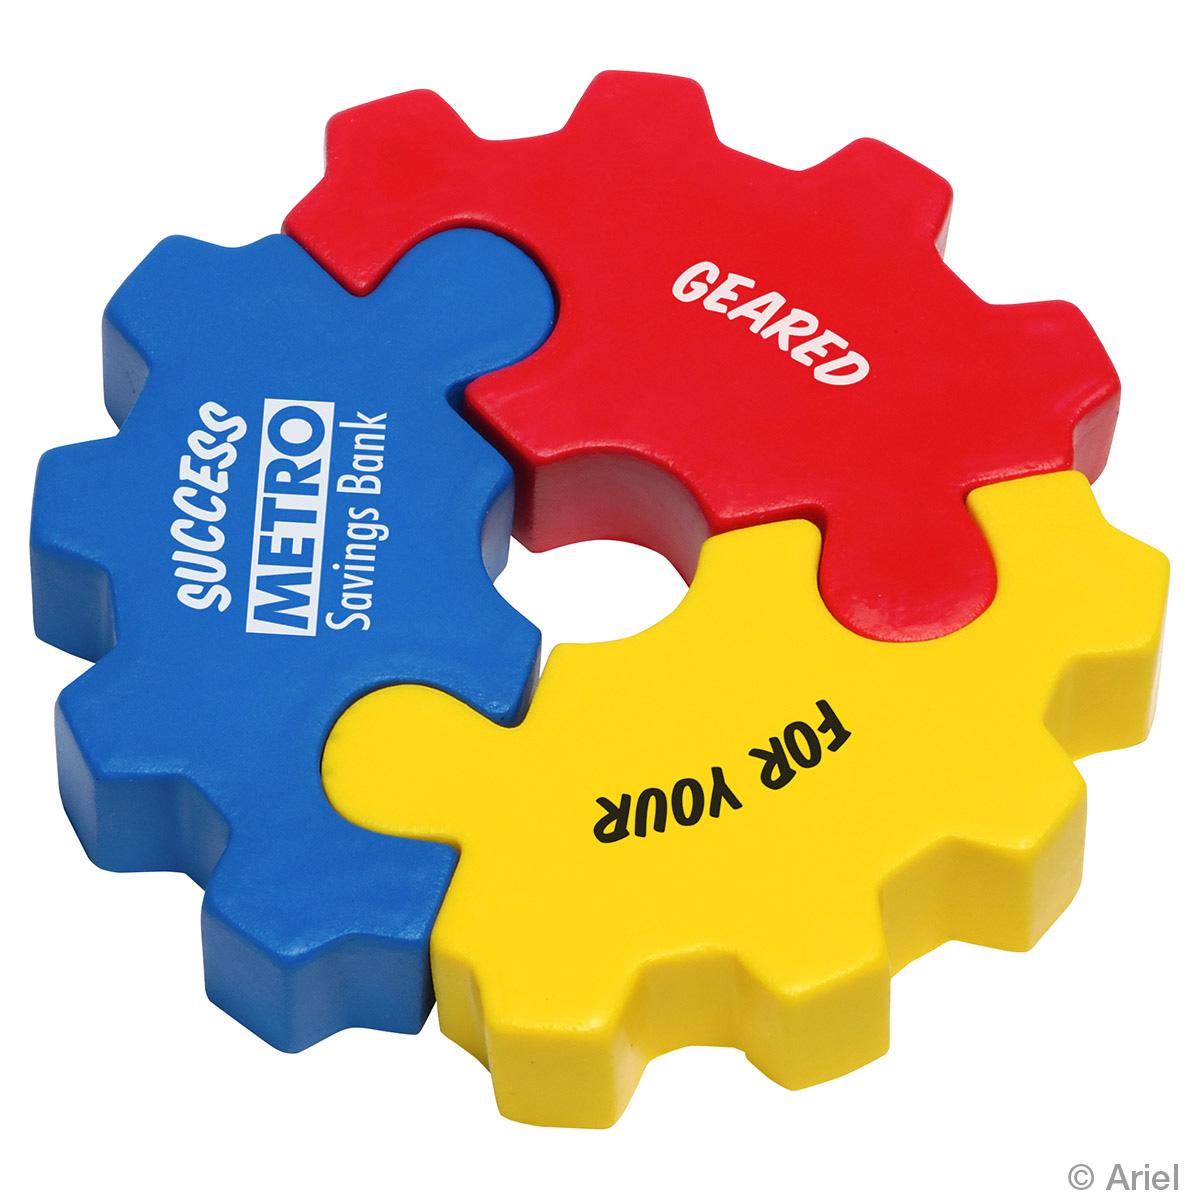 Gear Puzzle Set Stress Reliever, LGS-GP16 - 1 Colour Imprint